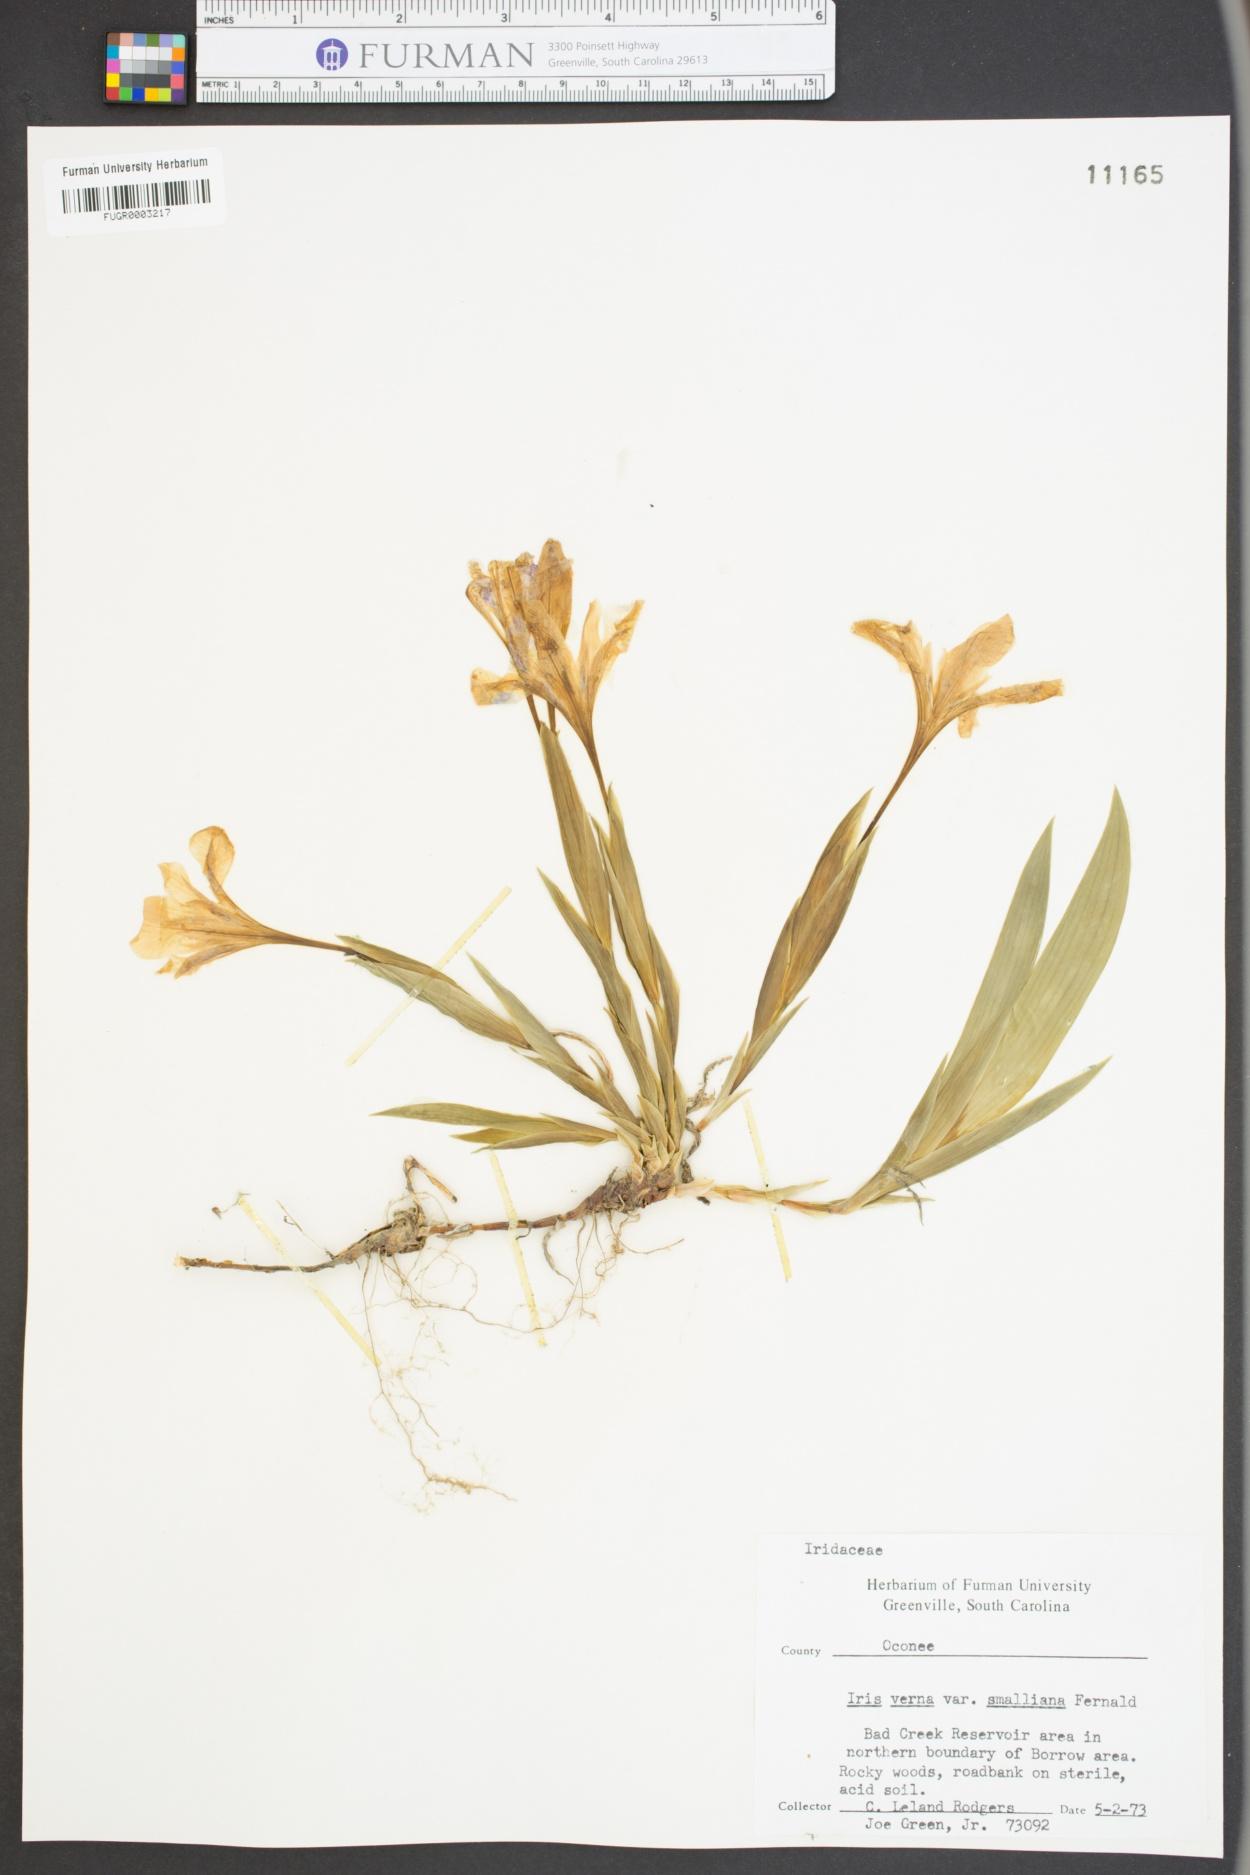 Iris verna var. smalliana image